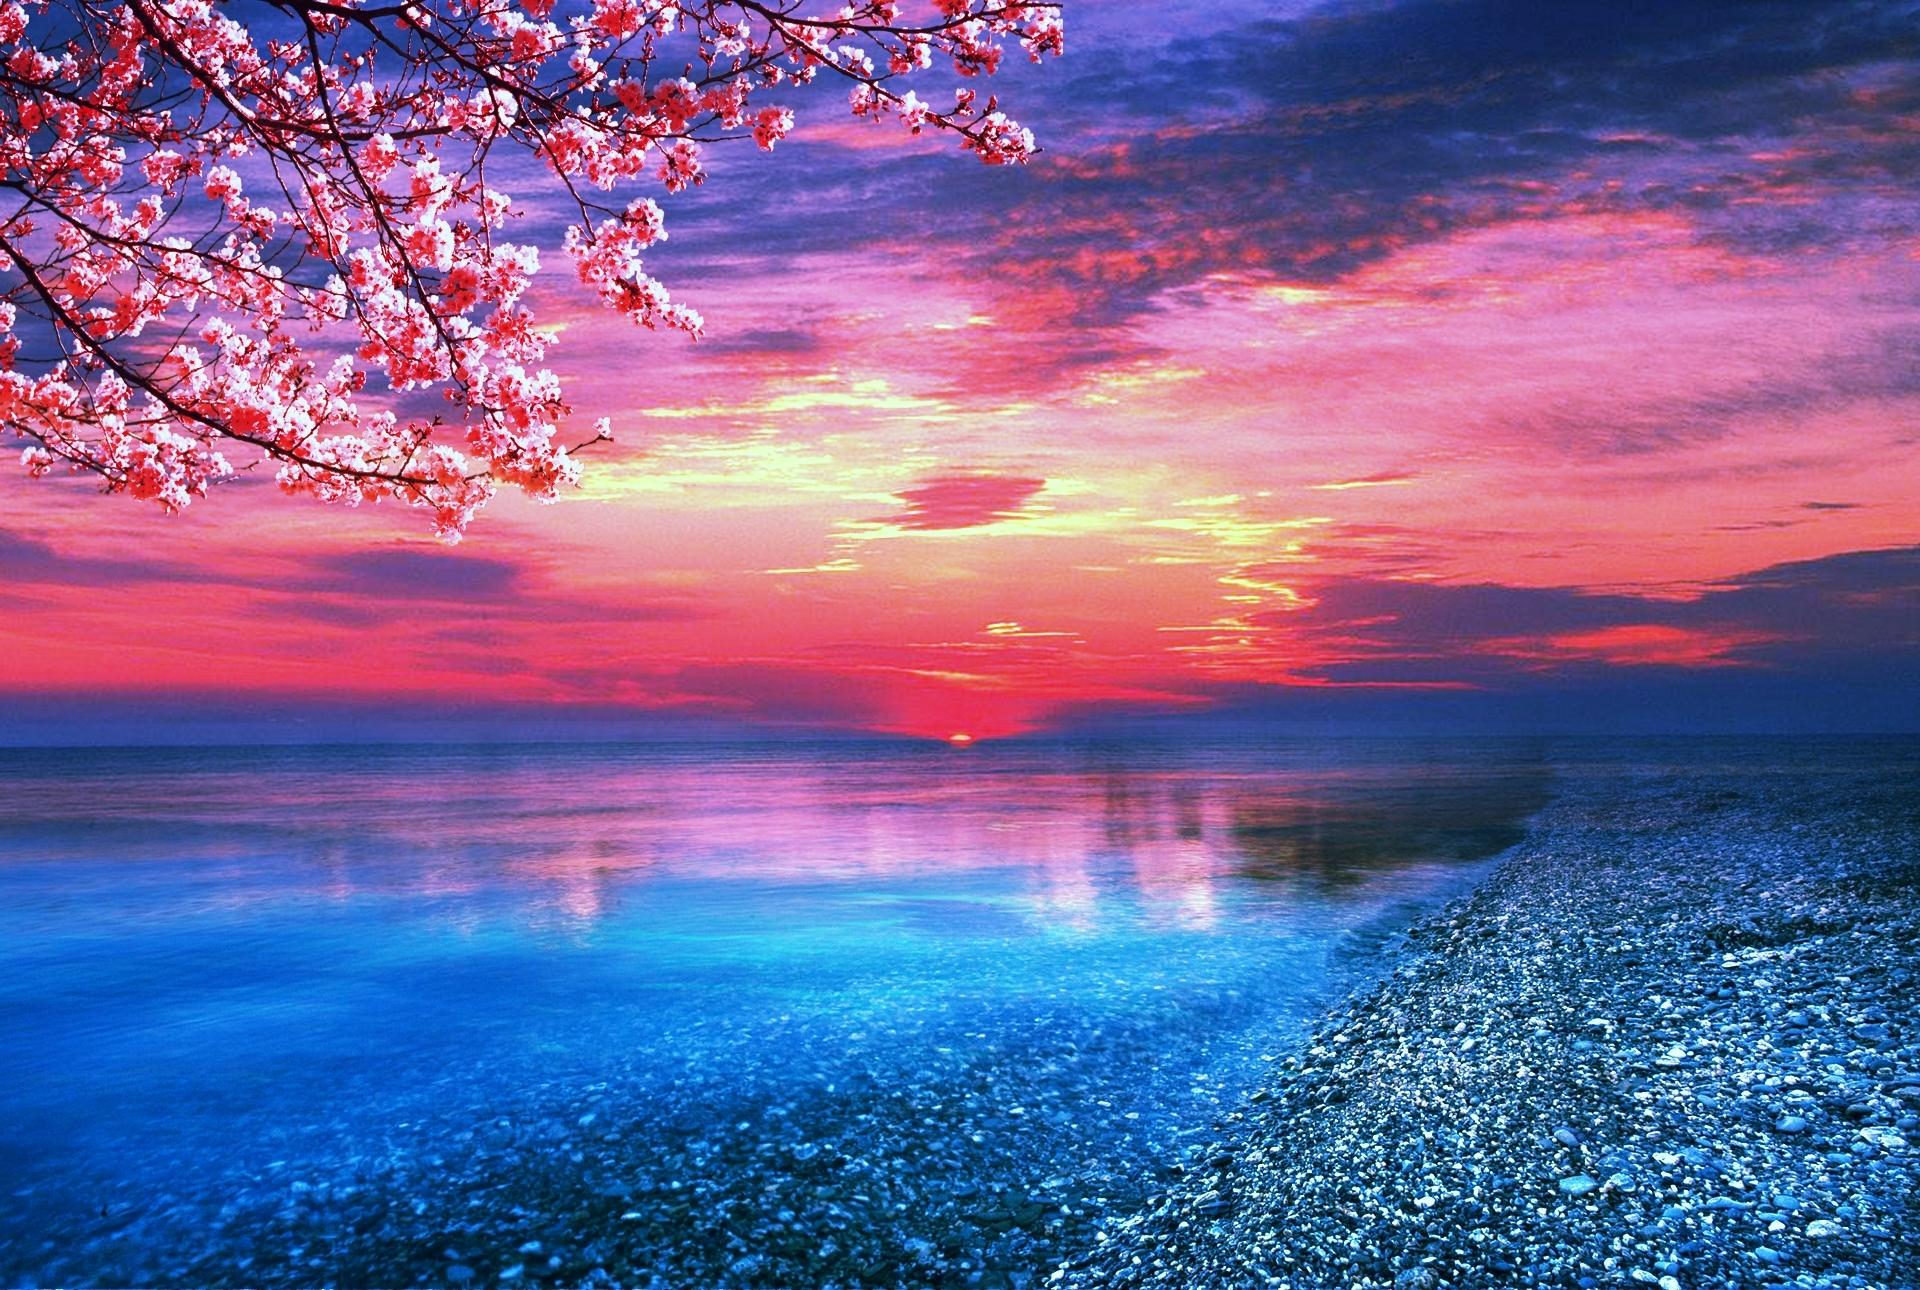 amazing red sunset ocean wallpaper wallpaper | wallpaperlepi